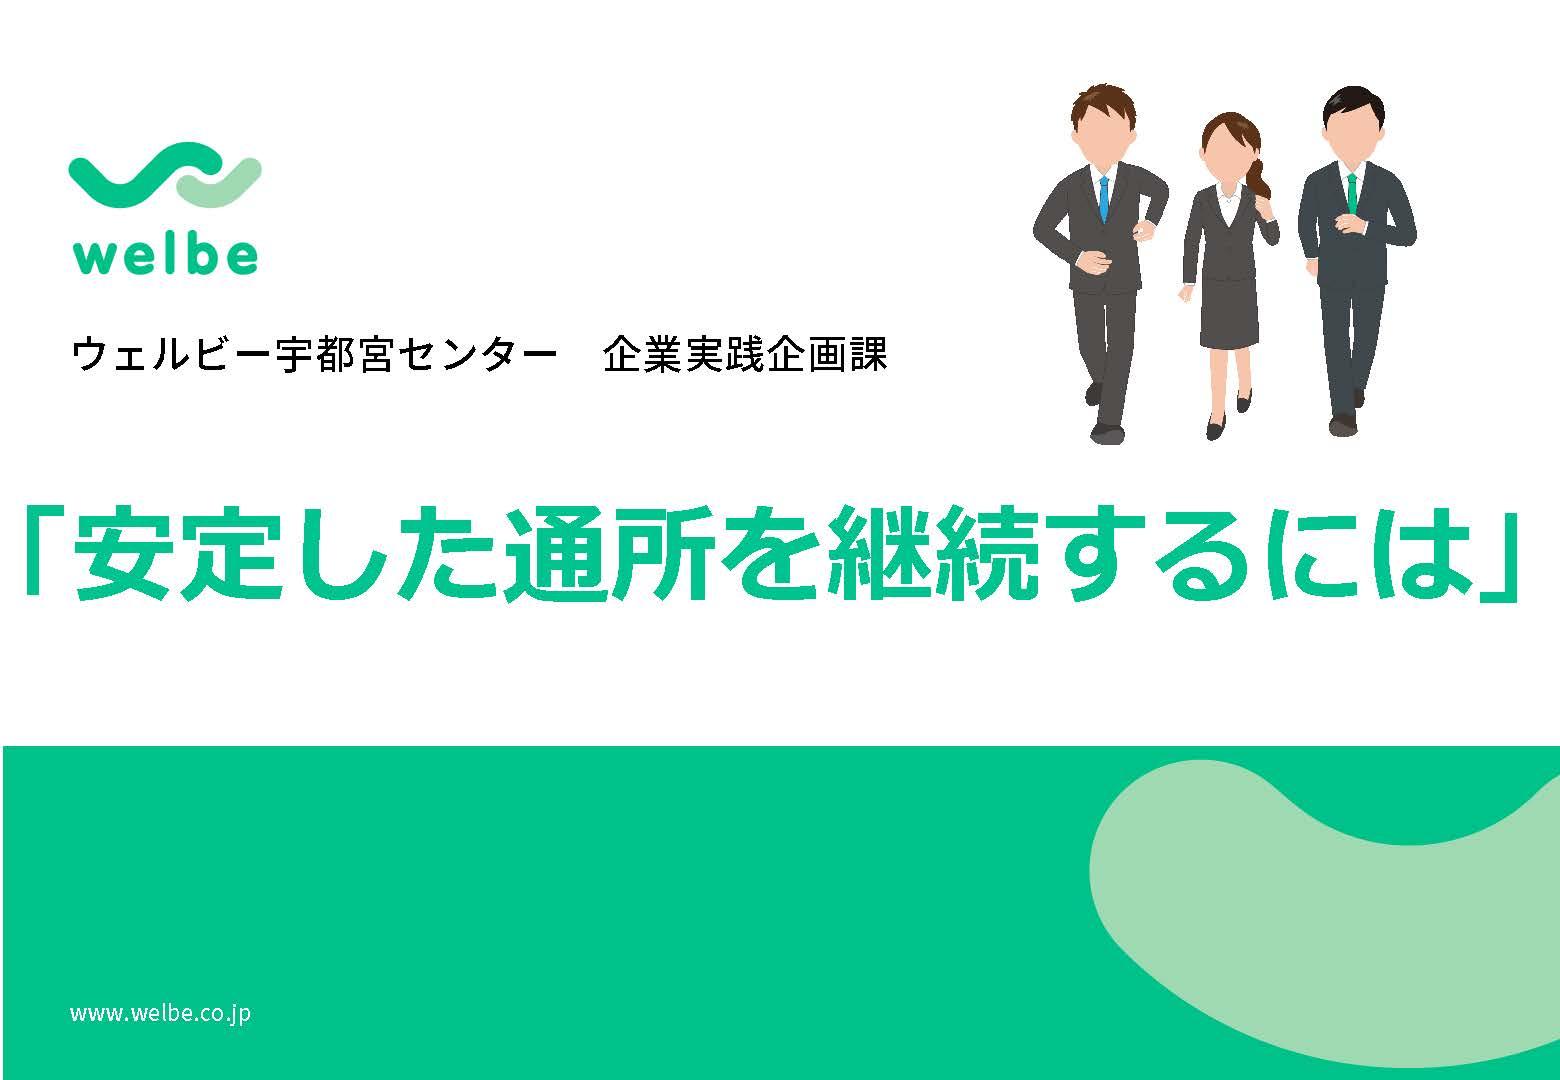 【宇都宮】添付ファイル① (1)